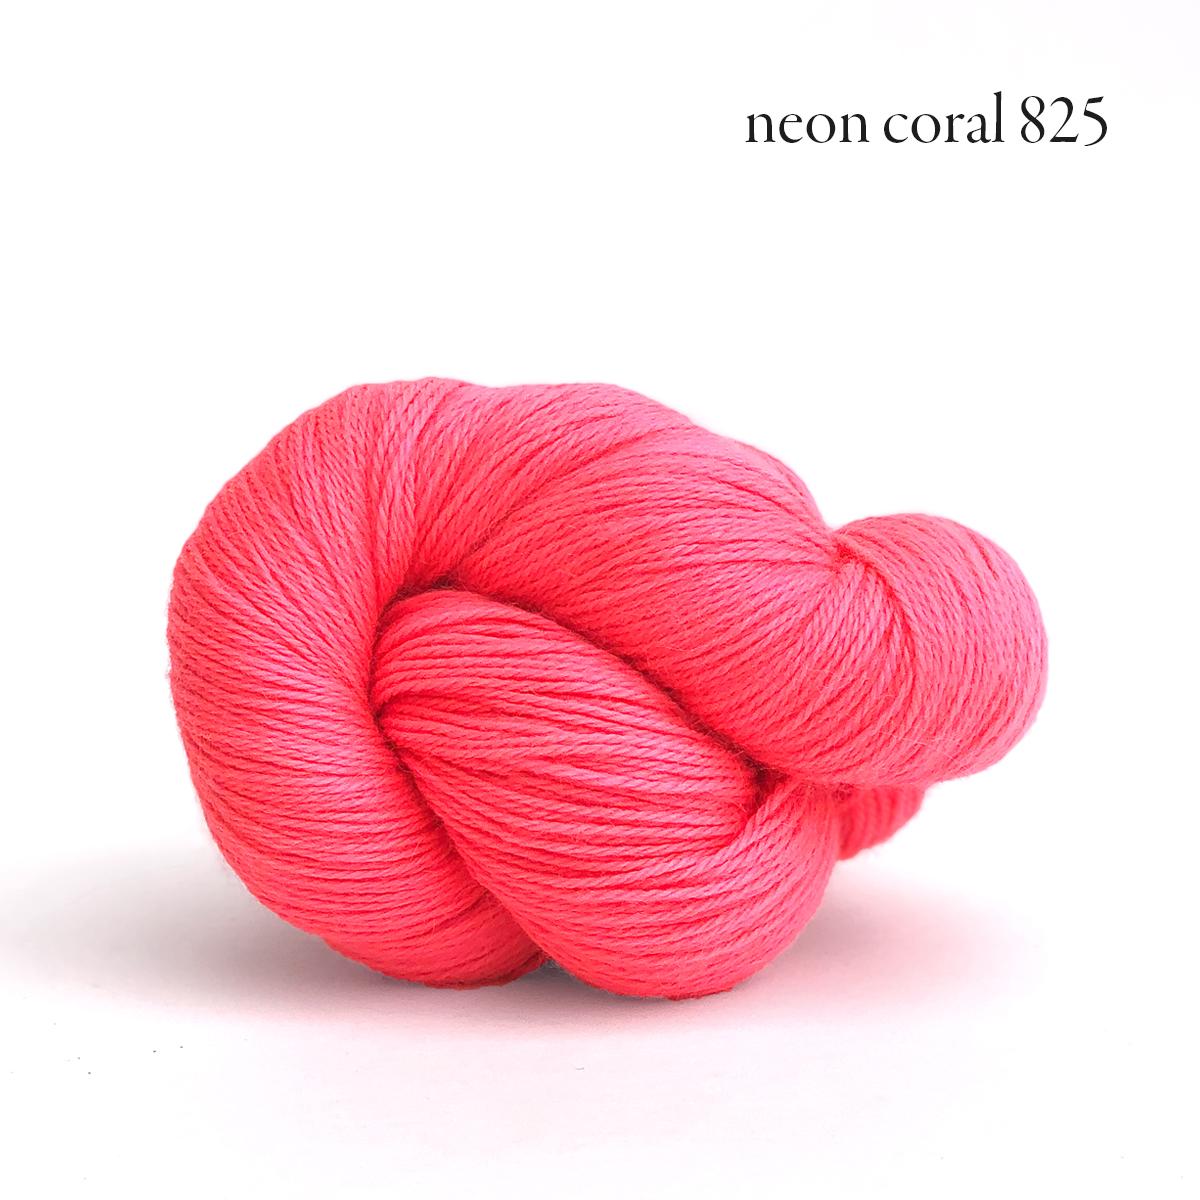 perennial+neon+coral+825.jpg